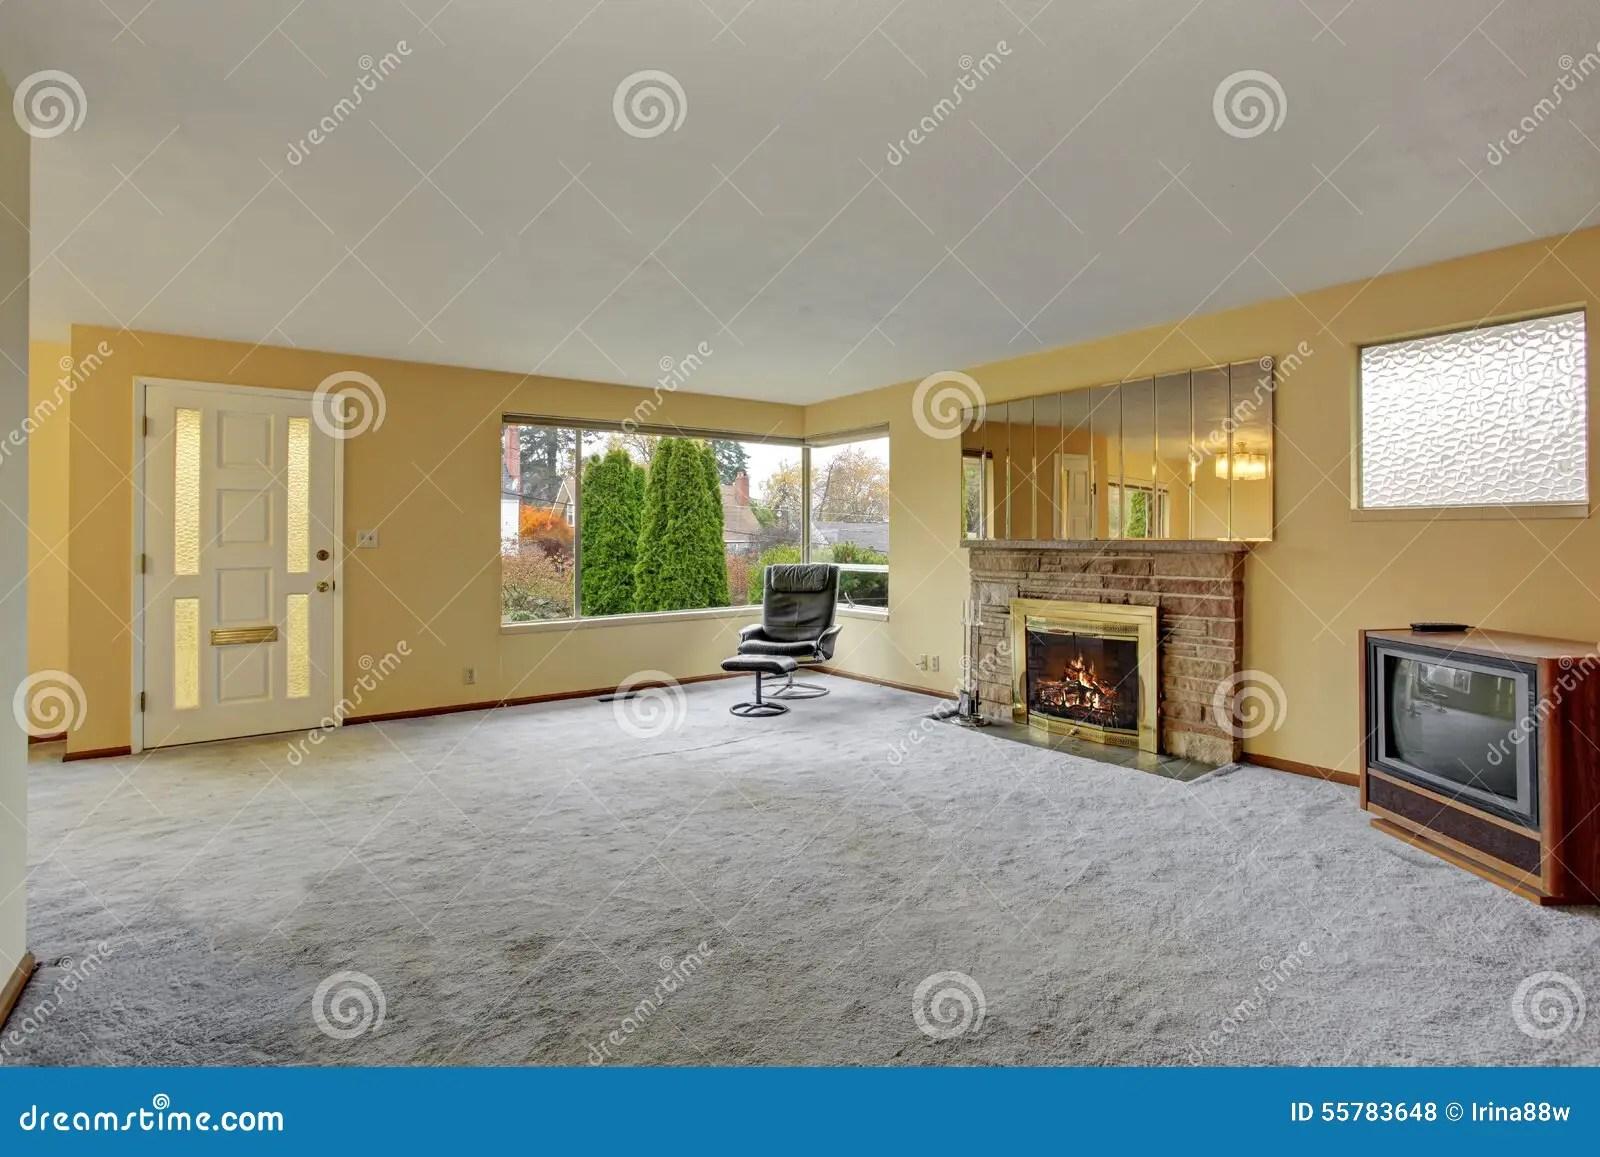 Einfaches Wohnzimmer Mit Teppich Stockfoto  Bild von gelnder nett 55783648